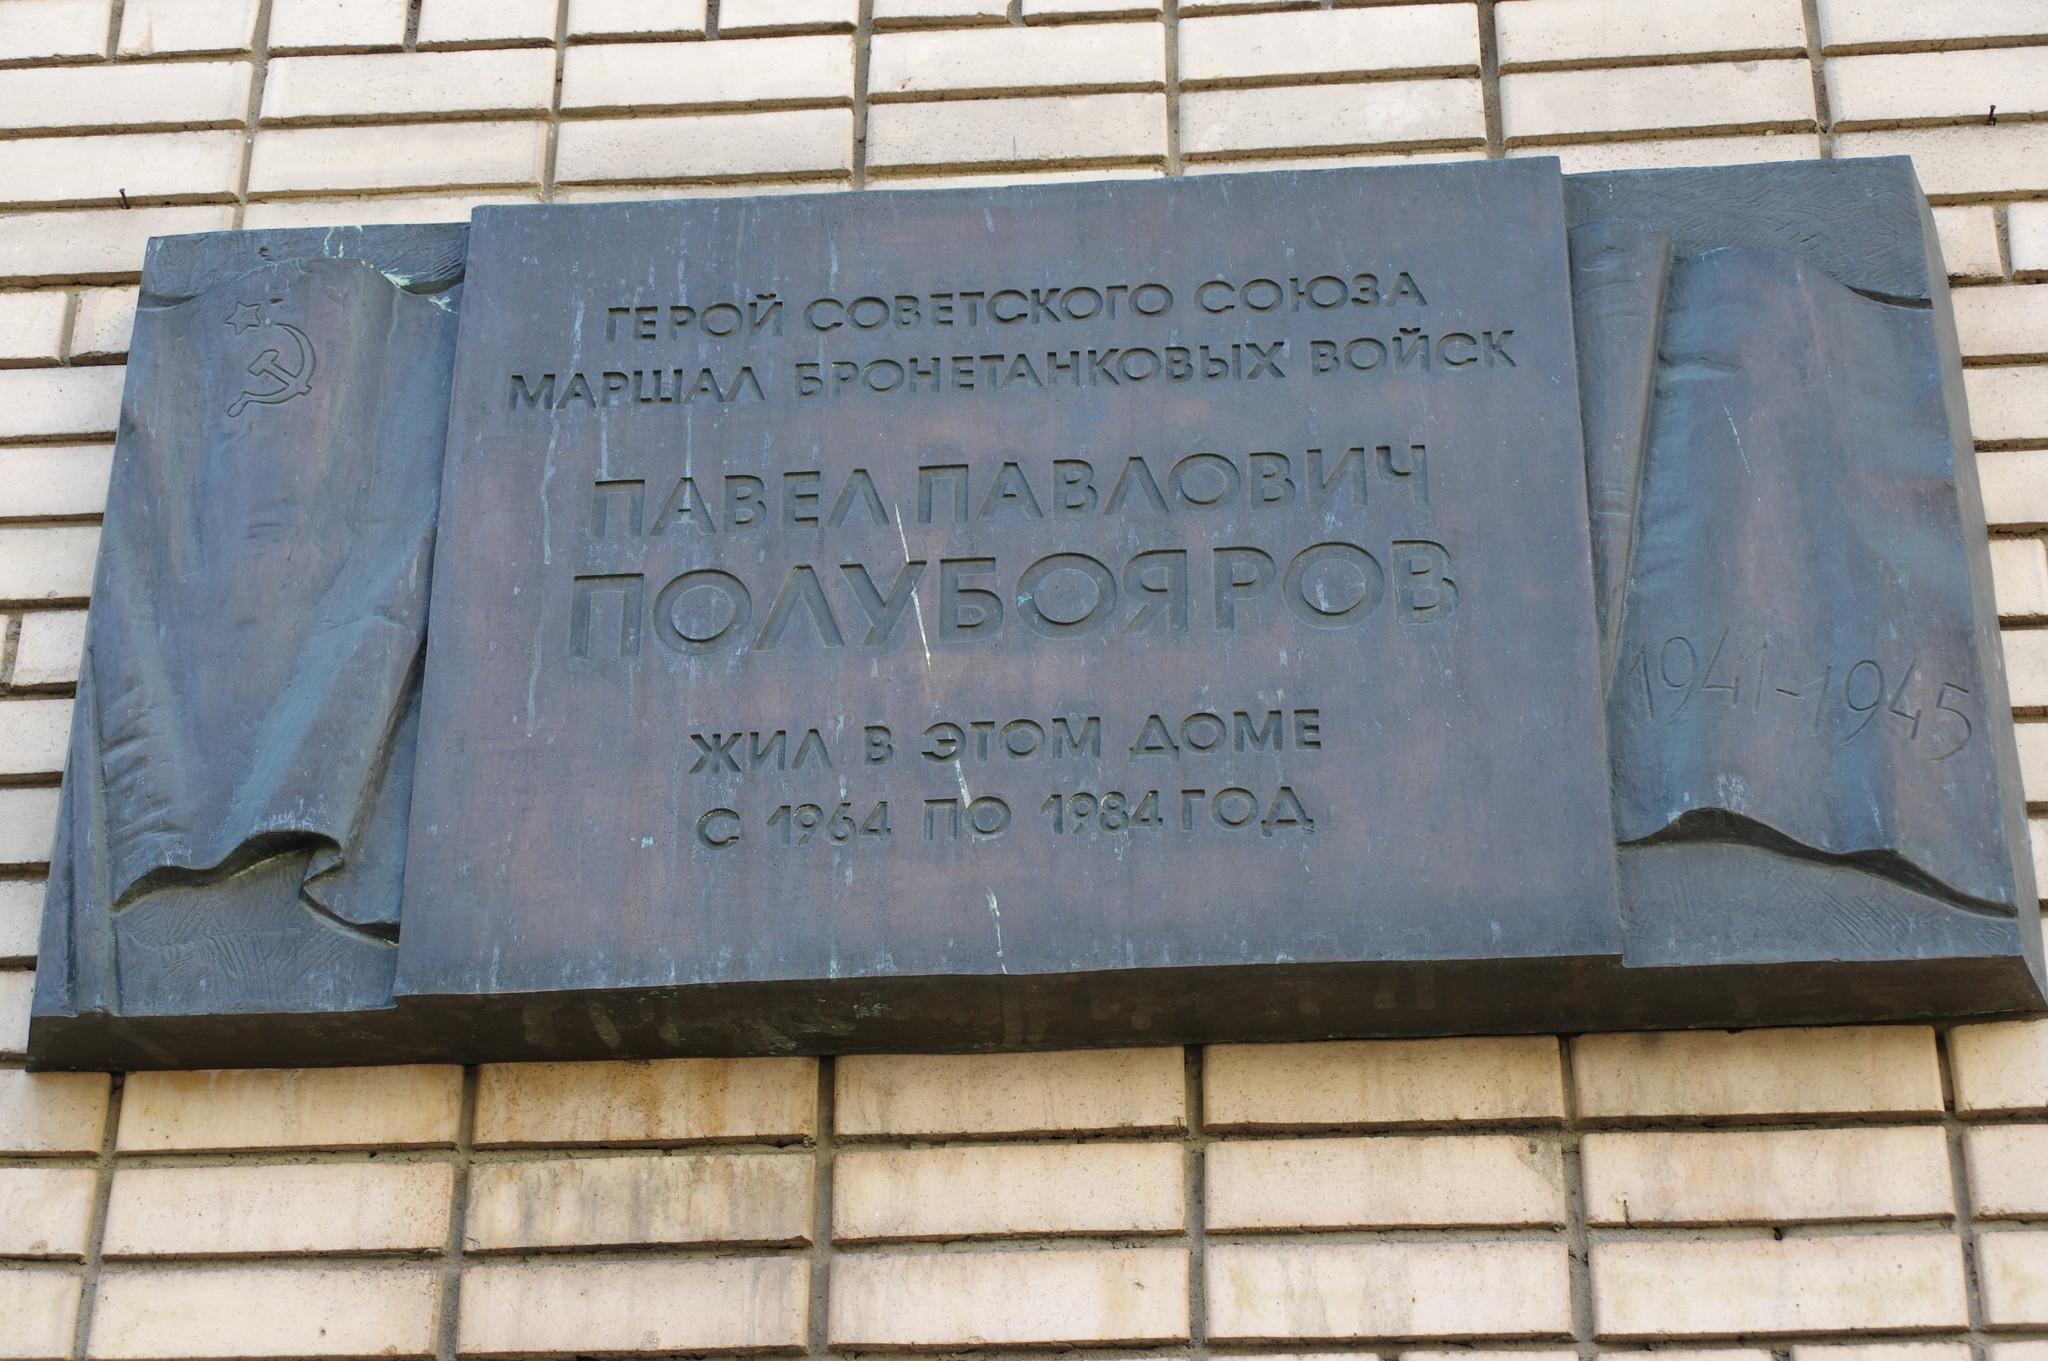 Мемориальная доска на фасаде дома (переулок Сивцев Вражек, дом 31), где с 1964 года по 1984 год жил Герой Советского Союза, маршал бронетанковых войск Павел Павлович Полубояров